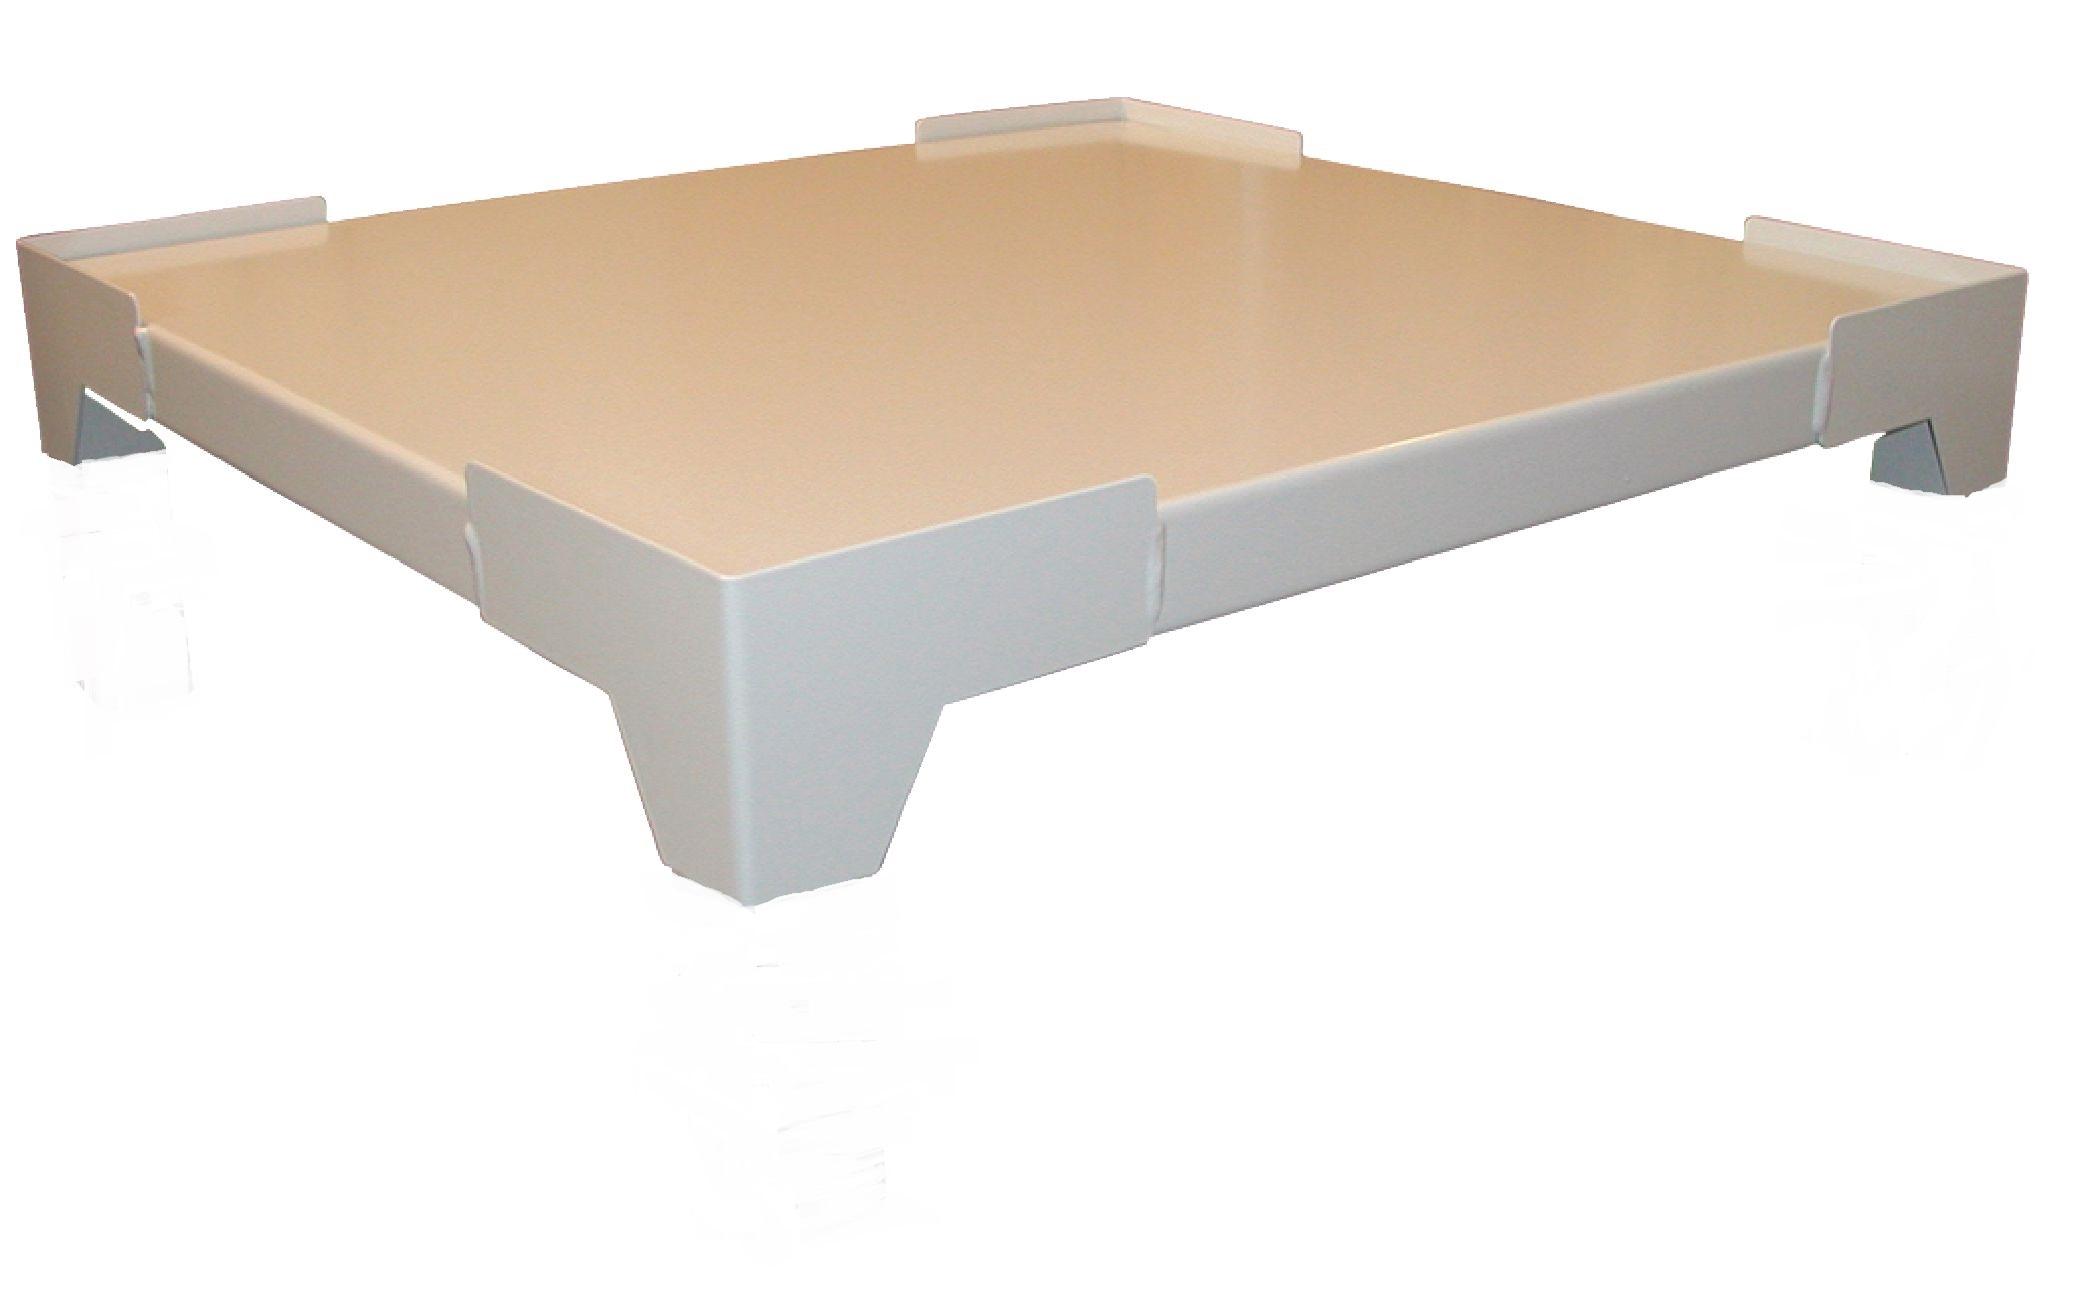 Goede voor fornuis oven kookplaat - REMOTE-WITGOED.NL TD-44